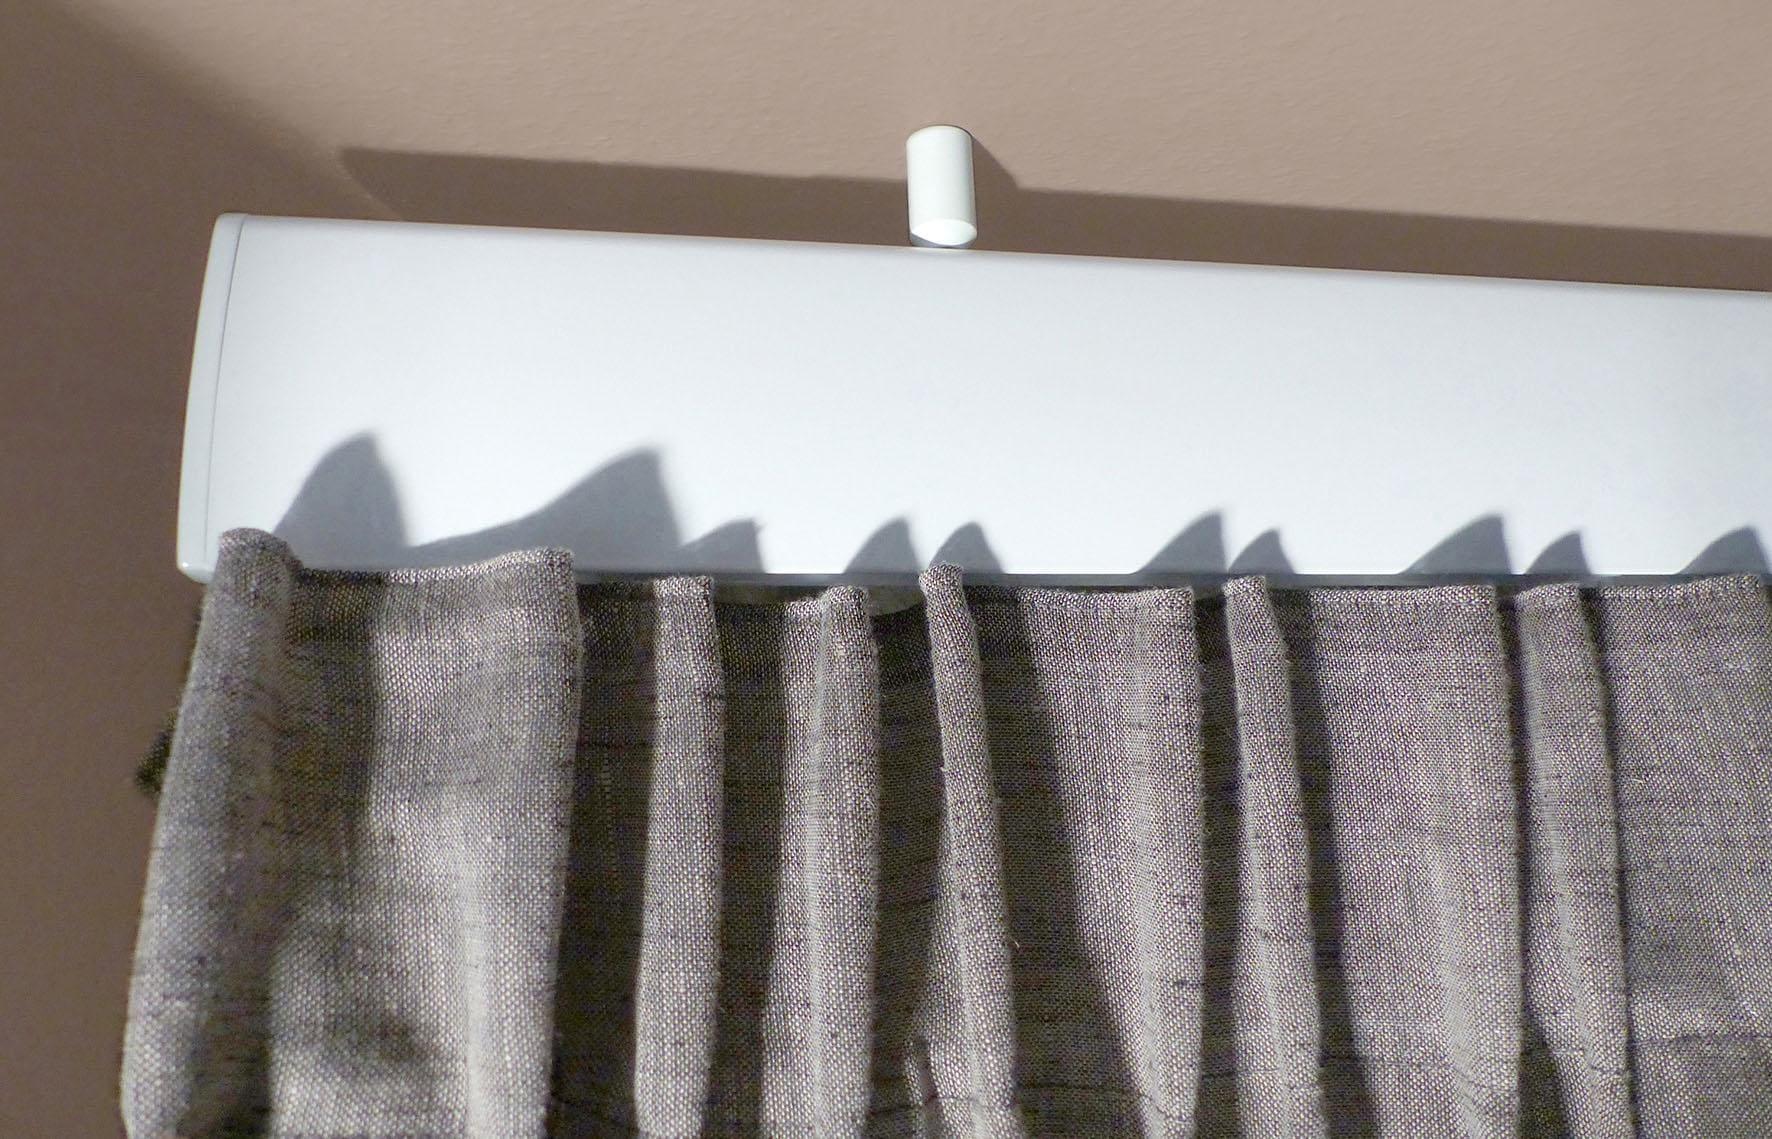 indeko Innenlaufschiene Ovum2, 1 läufig-läufig, Wunschmaßlänge weiß Gardinenschienen Gardinen Vorhänge